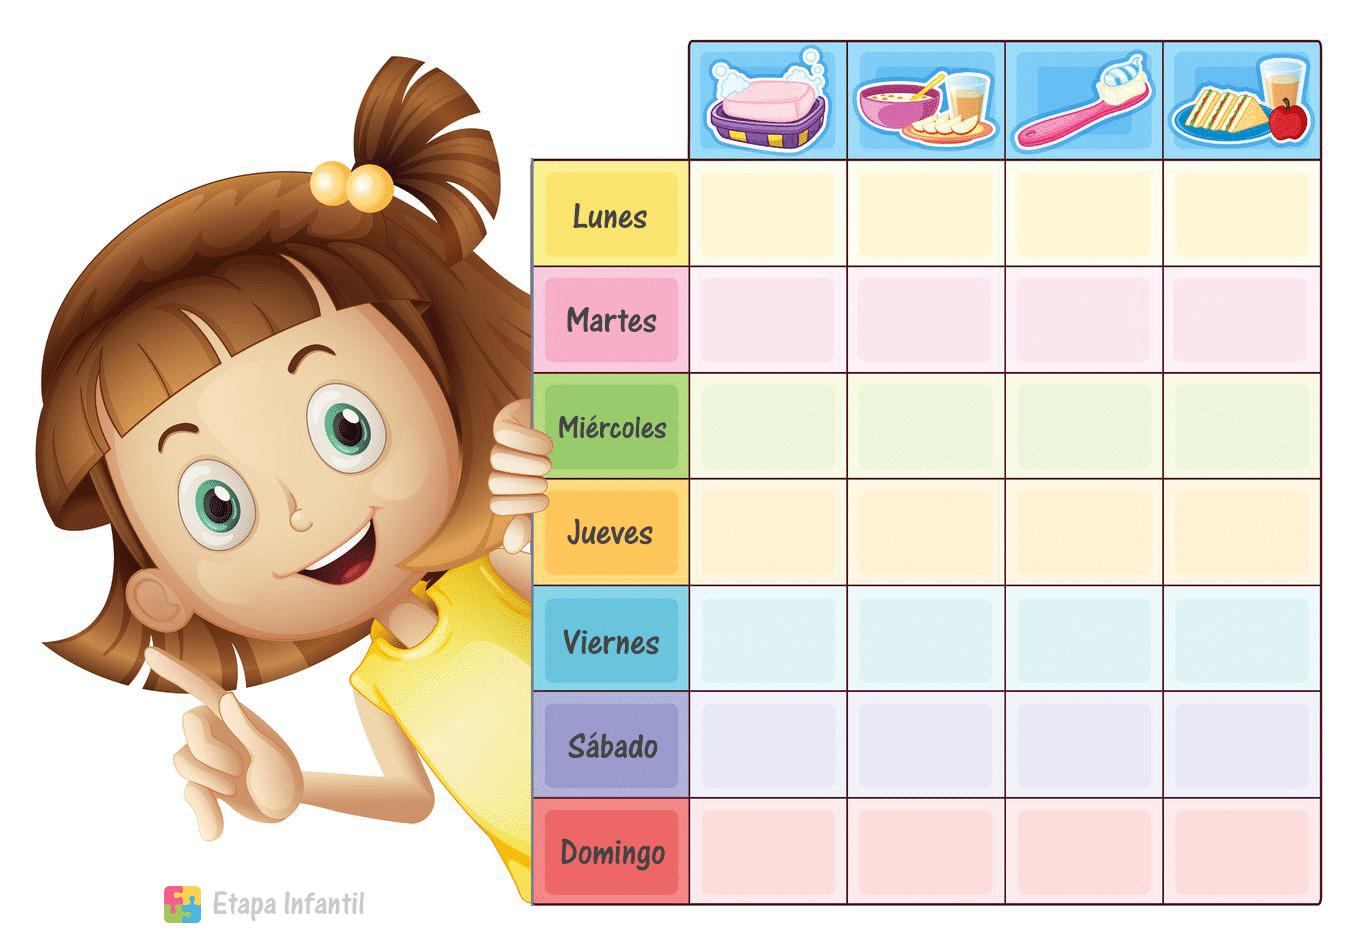 Tabla de rutinas para niños en el hogar - Etapa Infantil